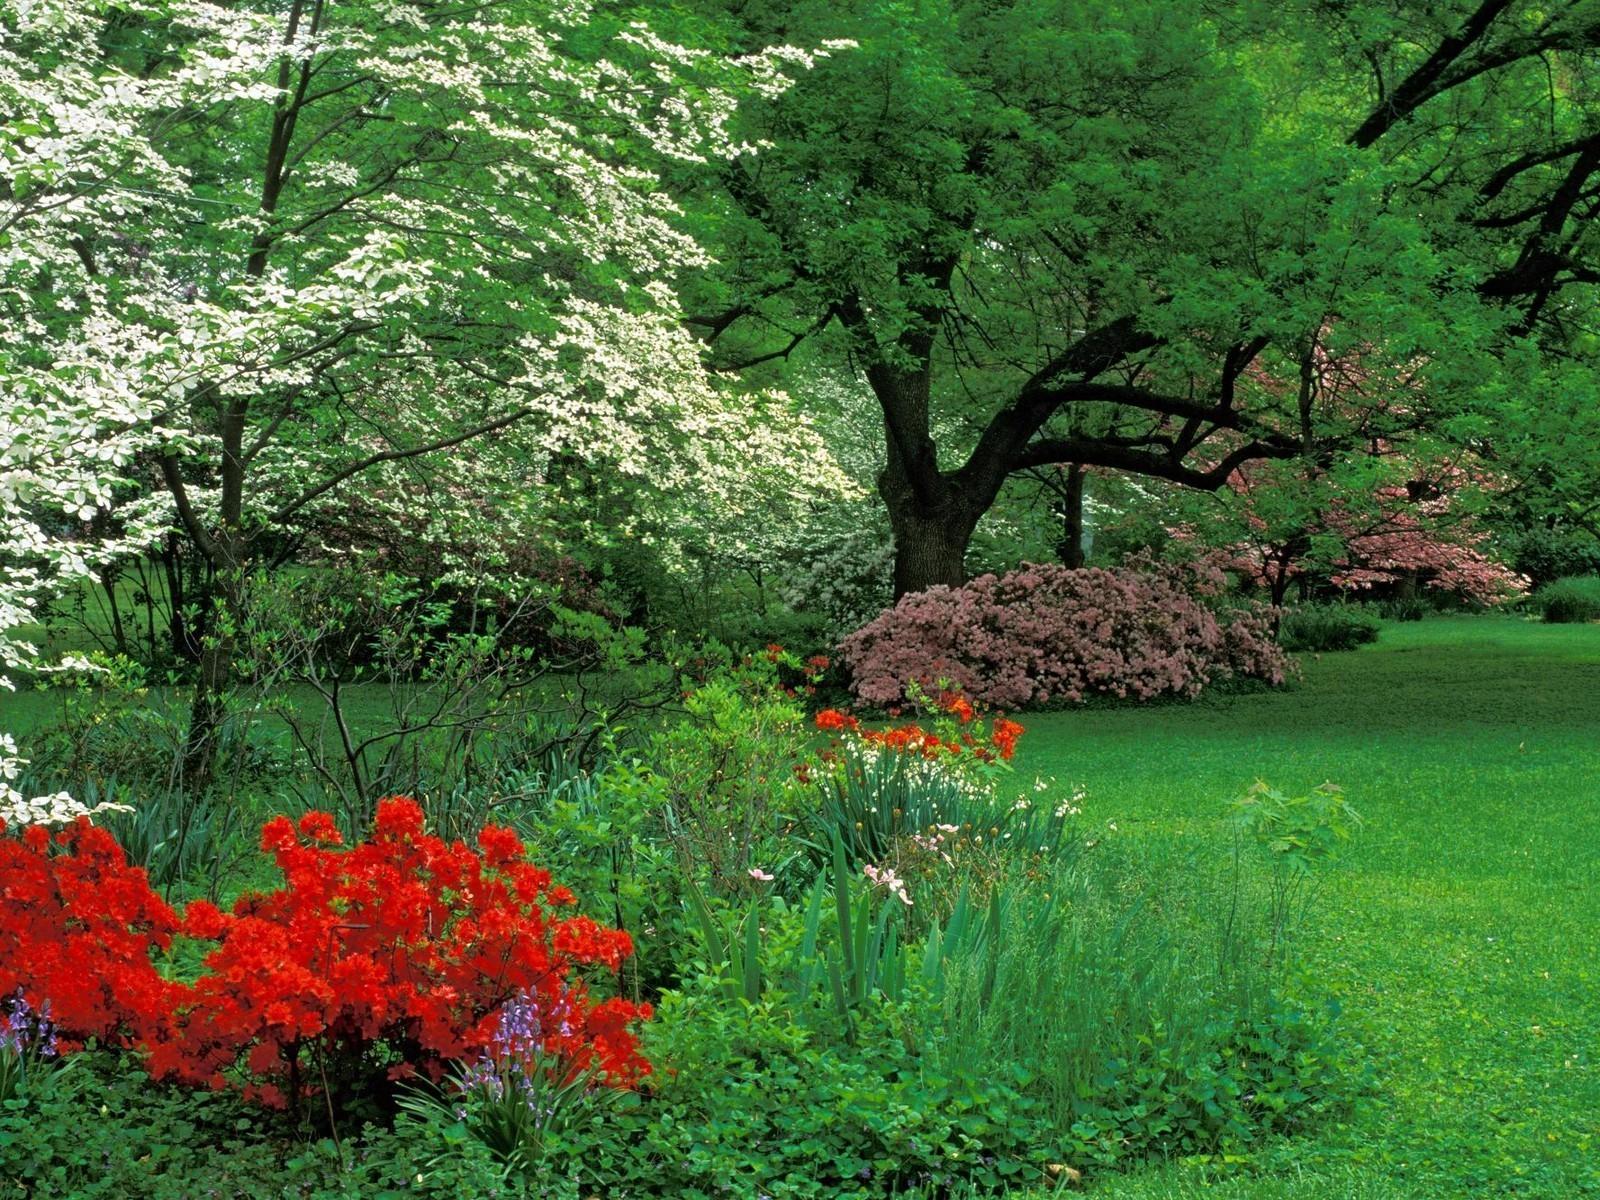 Plus imagen gratis primavera fondos hd for Fondo de pantalla primavera